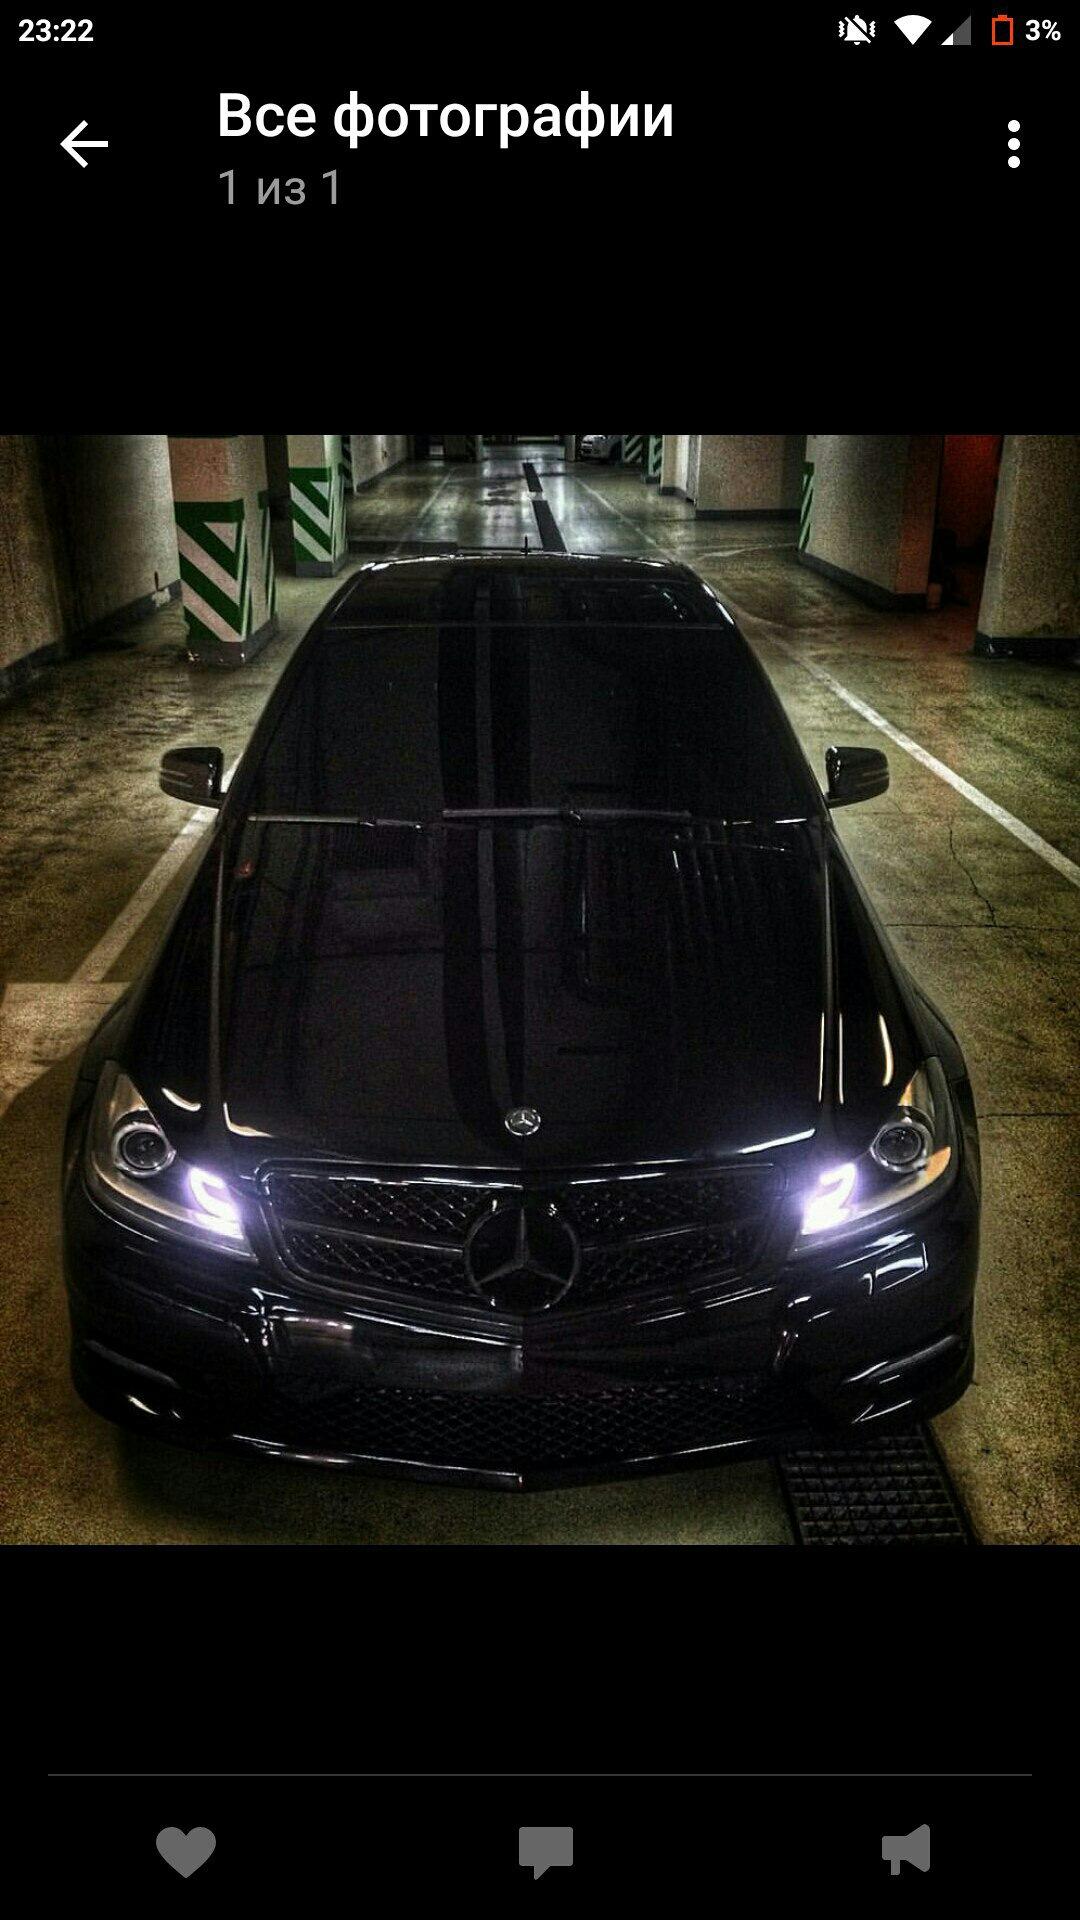 Bmw E90 Vs Mb C Klasse W204 Mercedes Benz C Class 99 л 2014